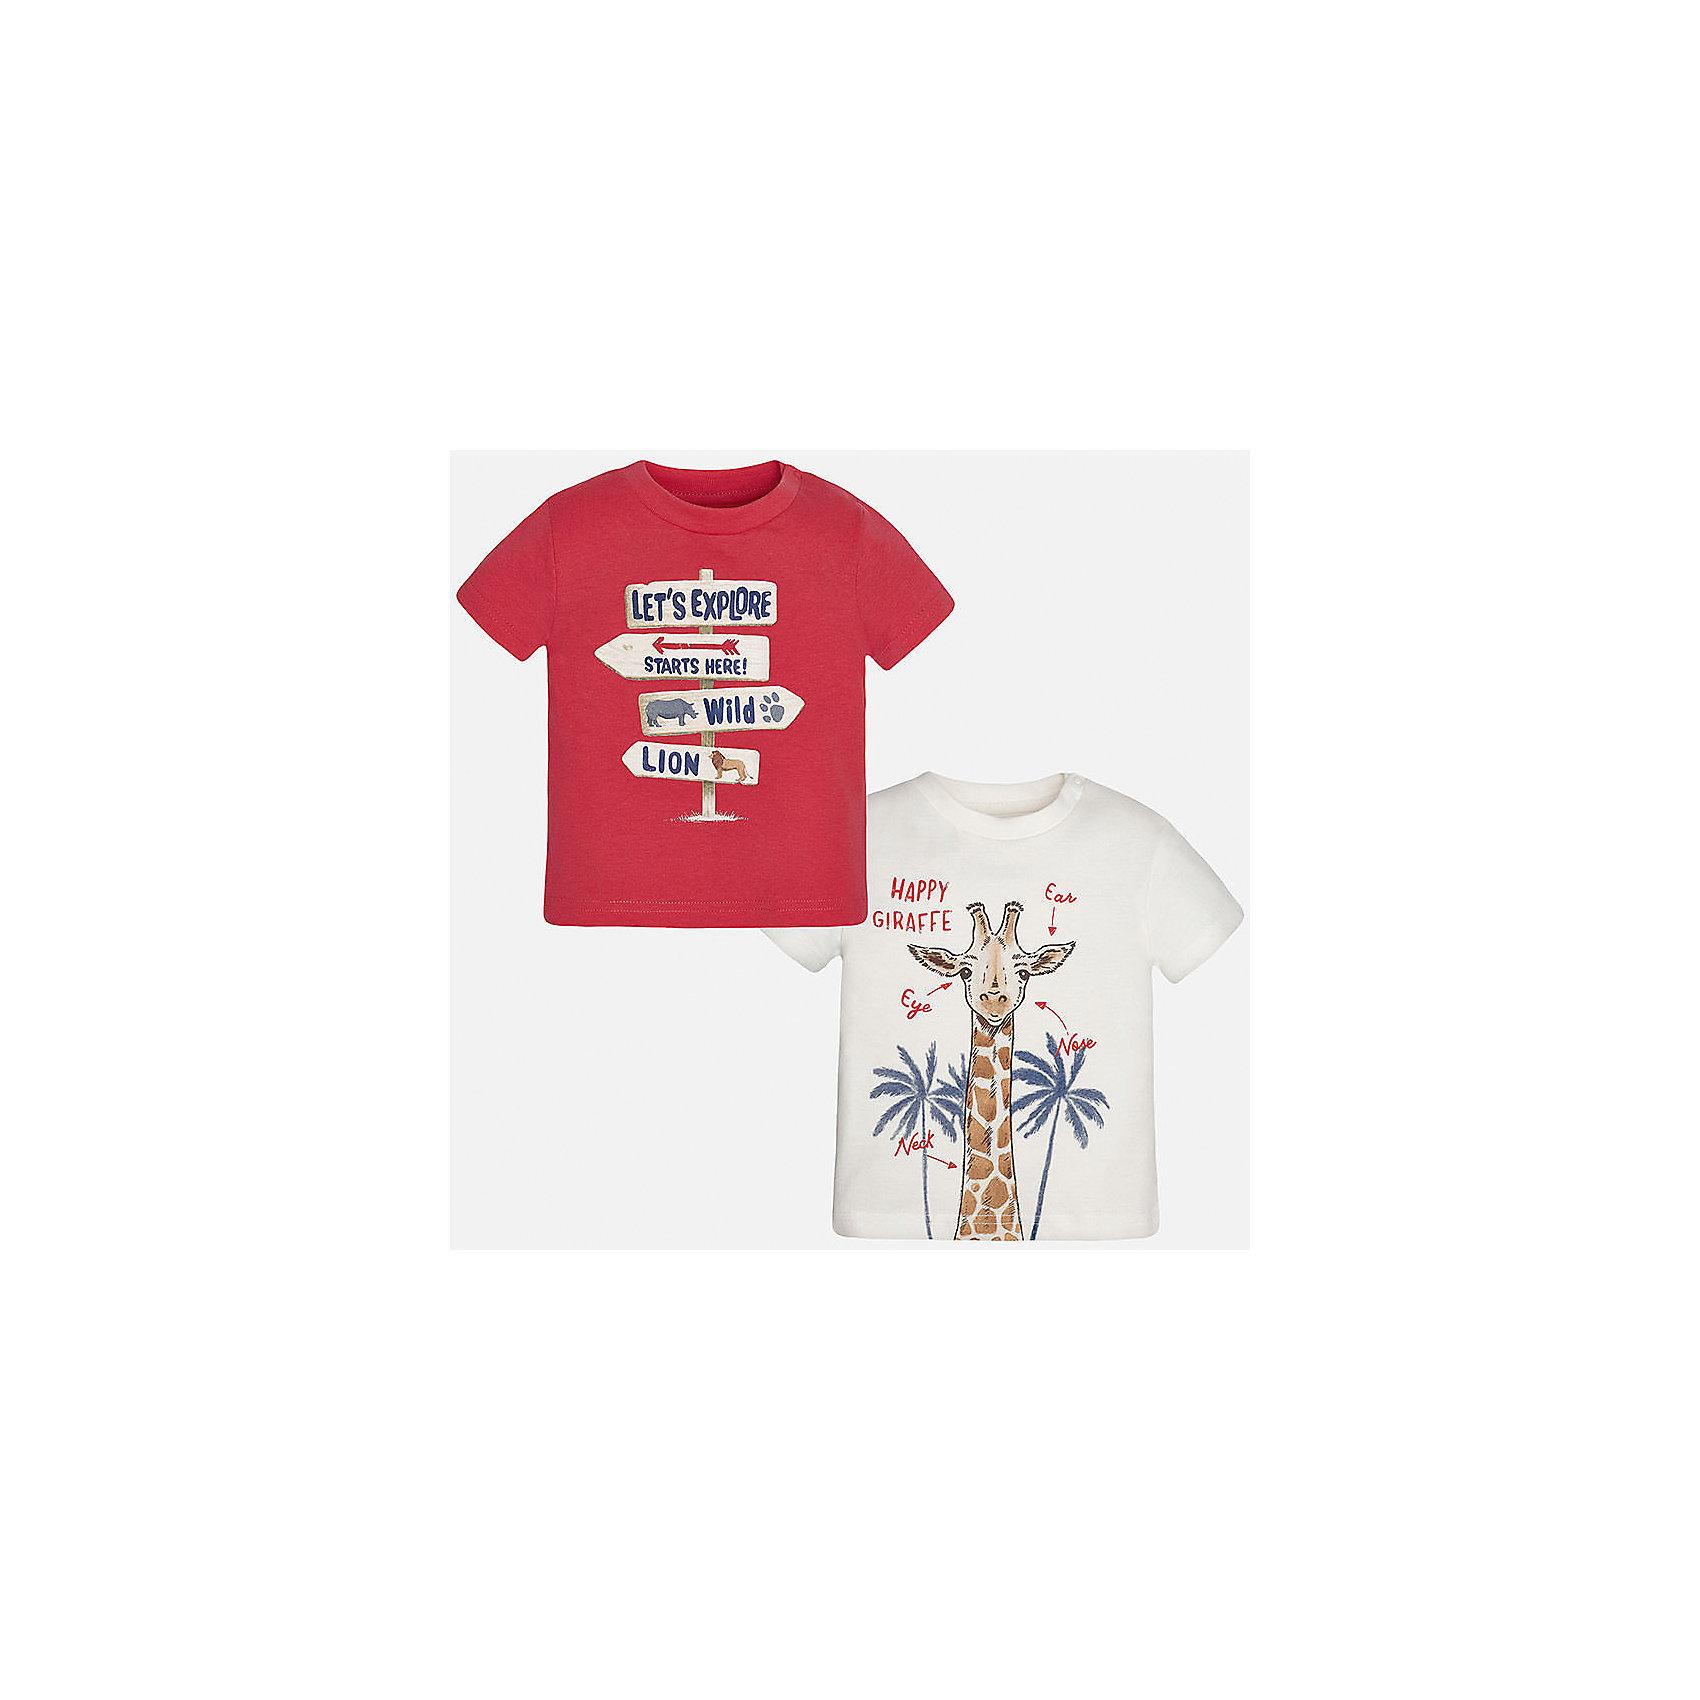 Футболка (2 шт.) для мальчика MayoralХарактеристики товара:<br><br>• цвет: красный/белый<br>• состав: 100% хлопок<br>• комплектация: 2 шт<br>• круглый горловой вырез<br>• декорирована принтом<br>• короткие рукава<br>• мягкая отделка горловины<br>• страна бренда: Испания<br><br>Стильная удобная футболка с принтом поможет разнообразить гардероб мальчика. Она отлично сочетается с брюками, шортами, джинсами. Универсальный крой и цвет позволяет подобрать к вещи низ разных расцветок. Практичное и стильное изделие! Хорошо смотрится и комфортно сидит на детях. В составе материала - натуральный хлопок, гипоаллергенный, приятный на ощупь, дышащий. В этом наборе - сразу две модные футболки разных расцветок!<br><br>Одежда, обувь и аксессуары от испанского бренда Mayoral полюбились детям и взрослым по всему миру. Модели этой марки - стильные и удобные. Для их производства используются только безопасные, качественные материалы и фурнитура. Порадуйте ребенка модными и красивыми вещами от Mayoral! <br><br>Футболку (2 шт.) для мальчика от испанского бренда Mayoral (Майорал) можно купить в нашем интернет-магазине.<br><br>Ширина мм: 199<br>Глубина мм: 10<br>Высота мм: 161<br>Вес г: 151<br>Цвет: красный<br>Возраст от месяцев: 18<br>Возраст до месяцев: 24<br>Пол: Мужской<br>Возраст: Детский<br>Размер: 92,86,80<br>SKU: 5278461